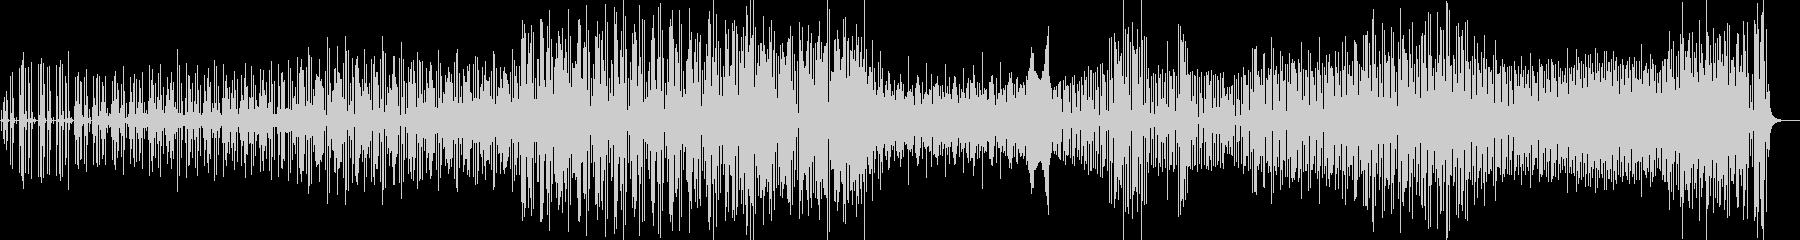 アグレッシブでストレンジなドラムテクノの未再生の波形